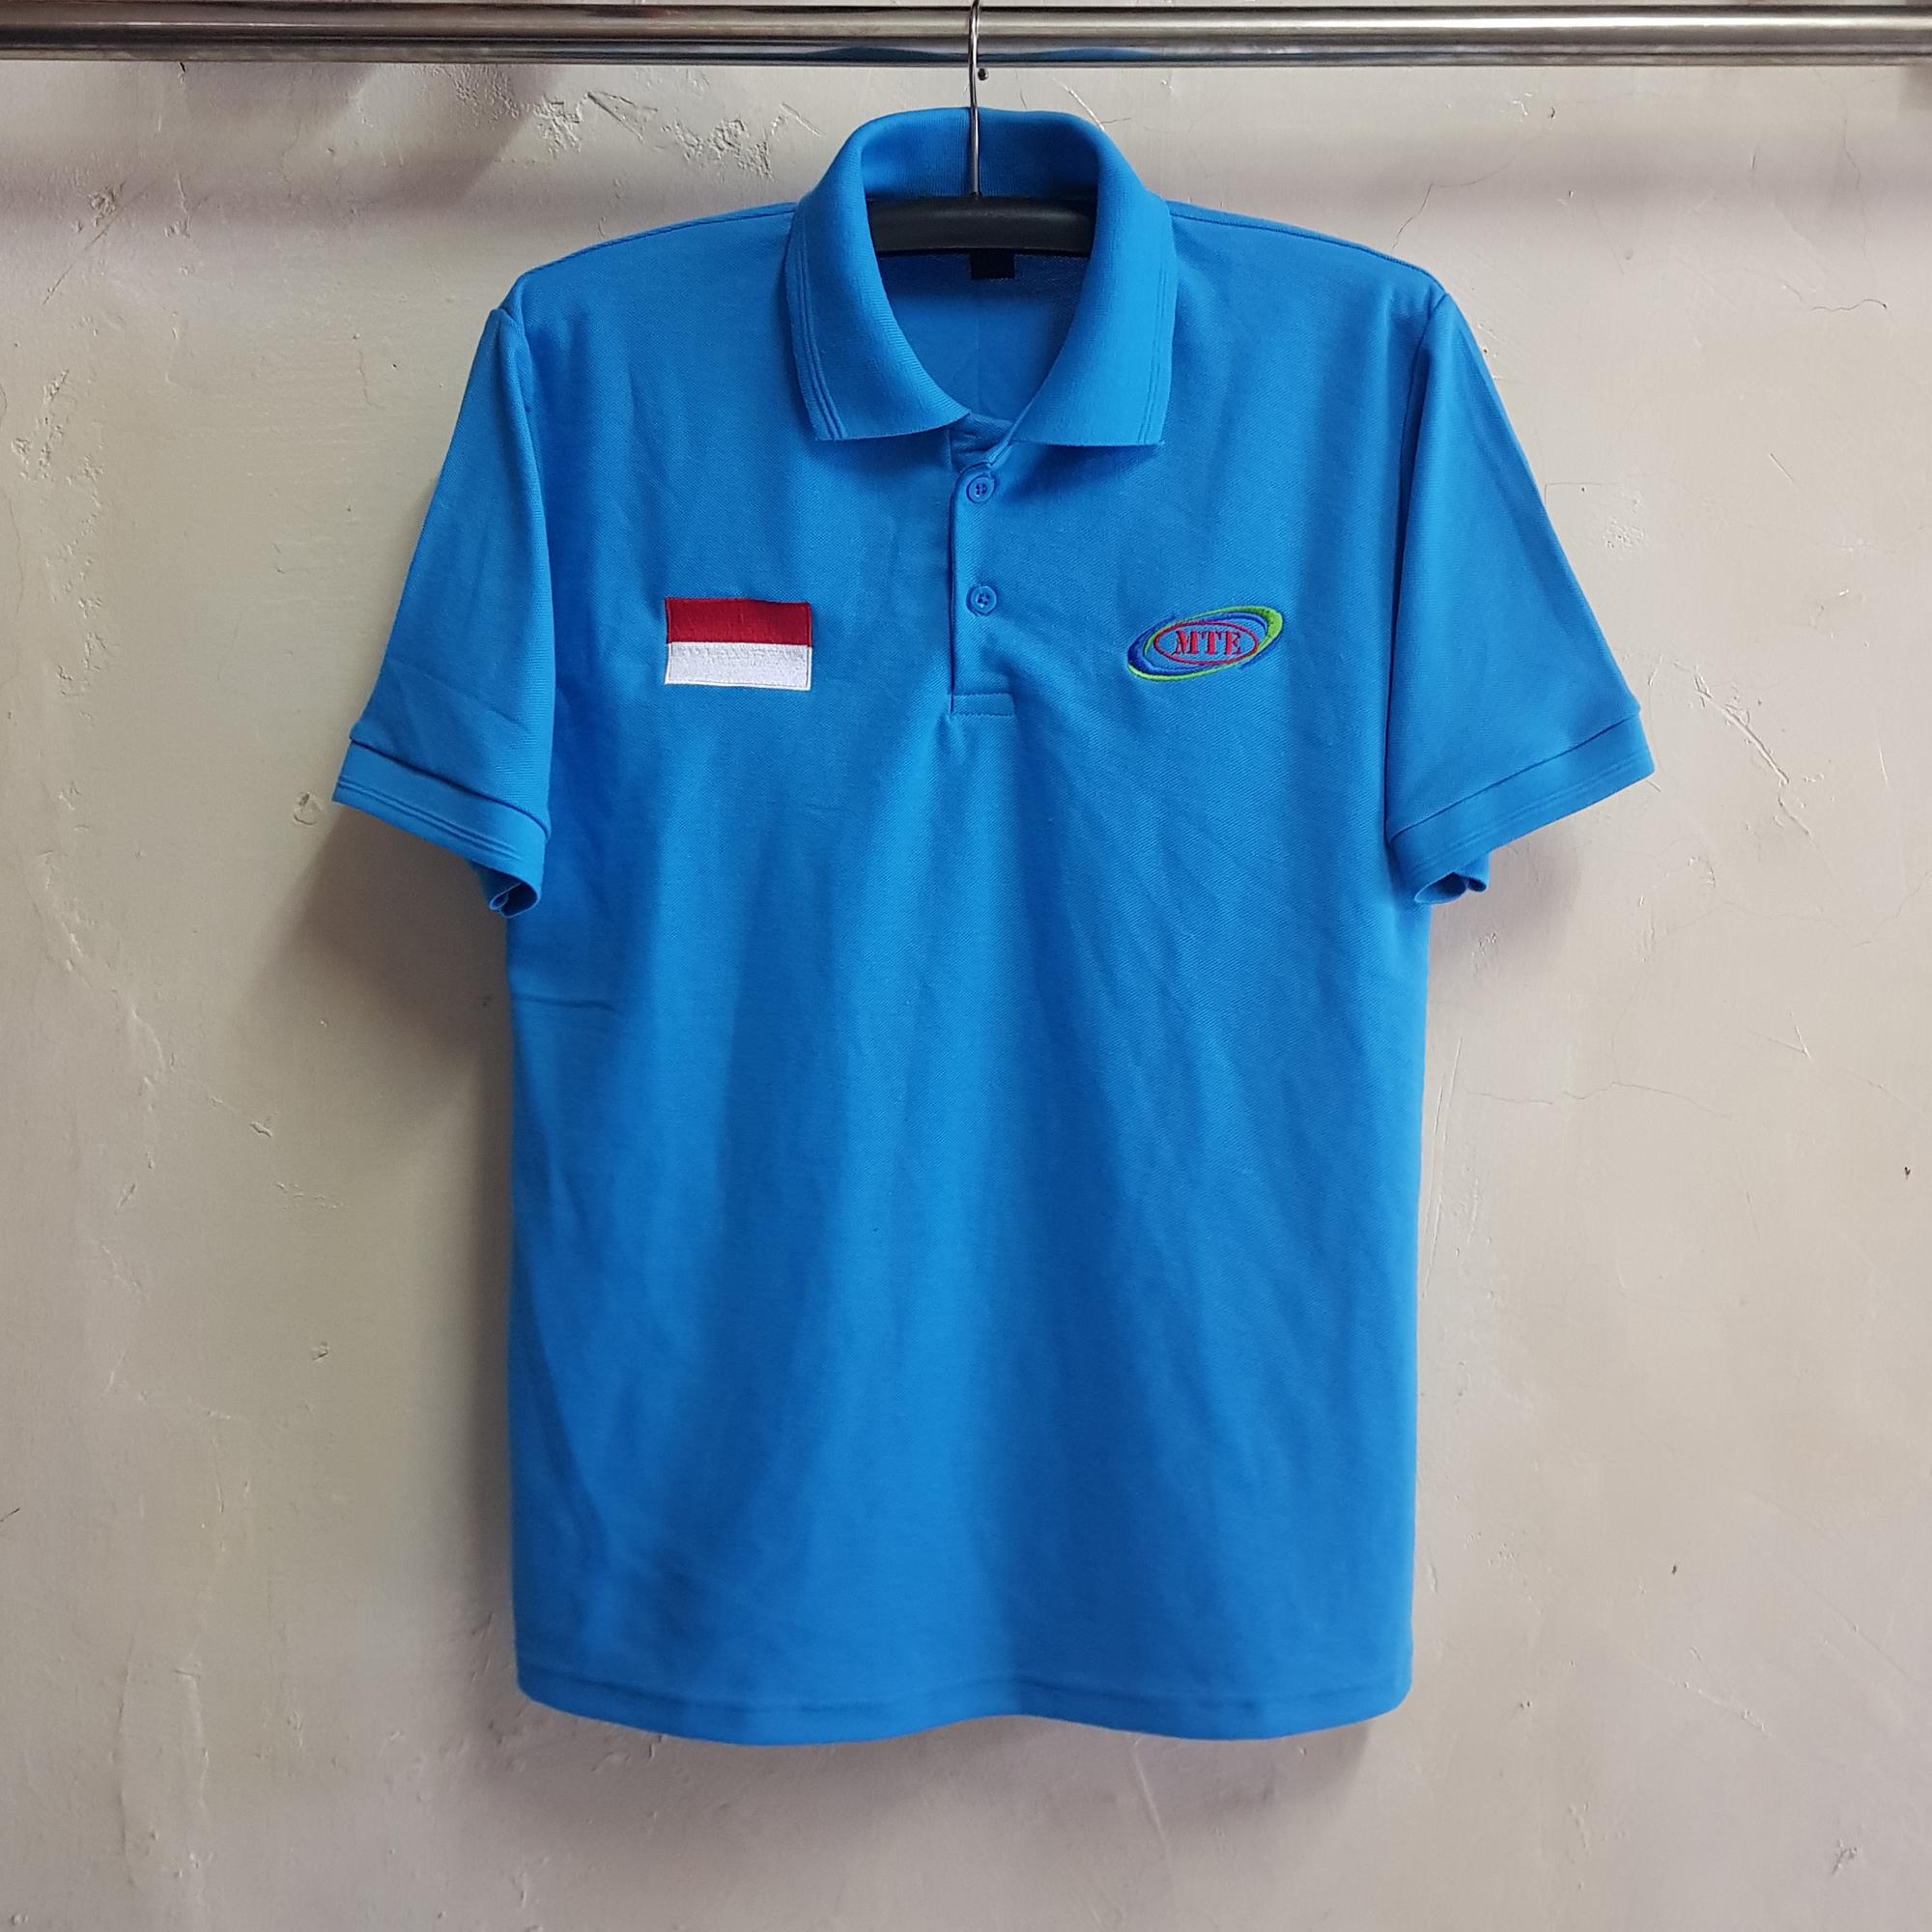 Poloshirt Security MTE, Seragam Kaos Kerah